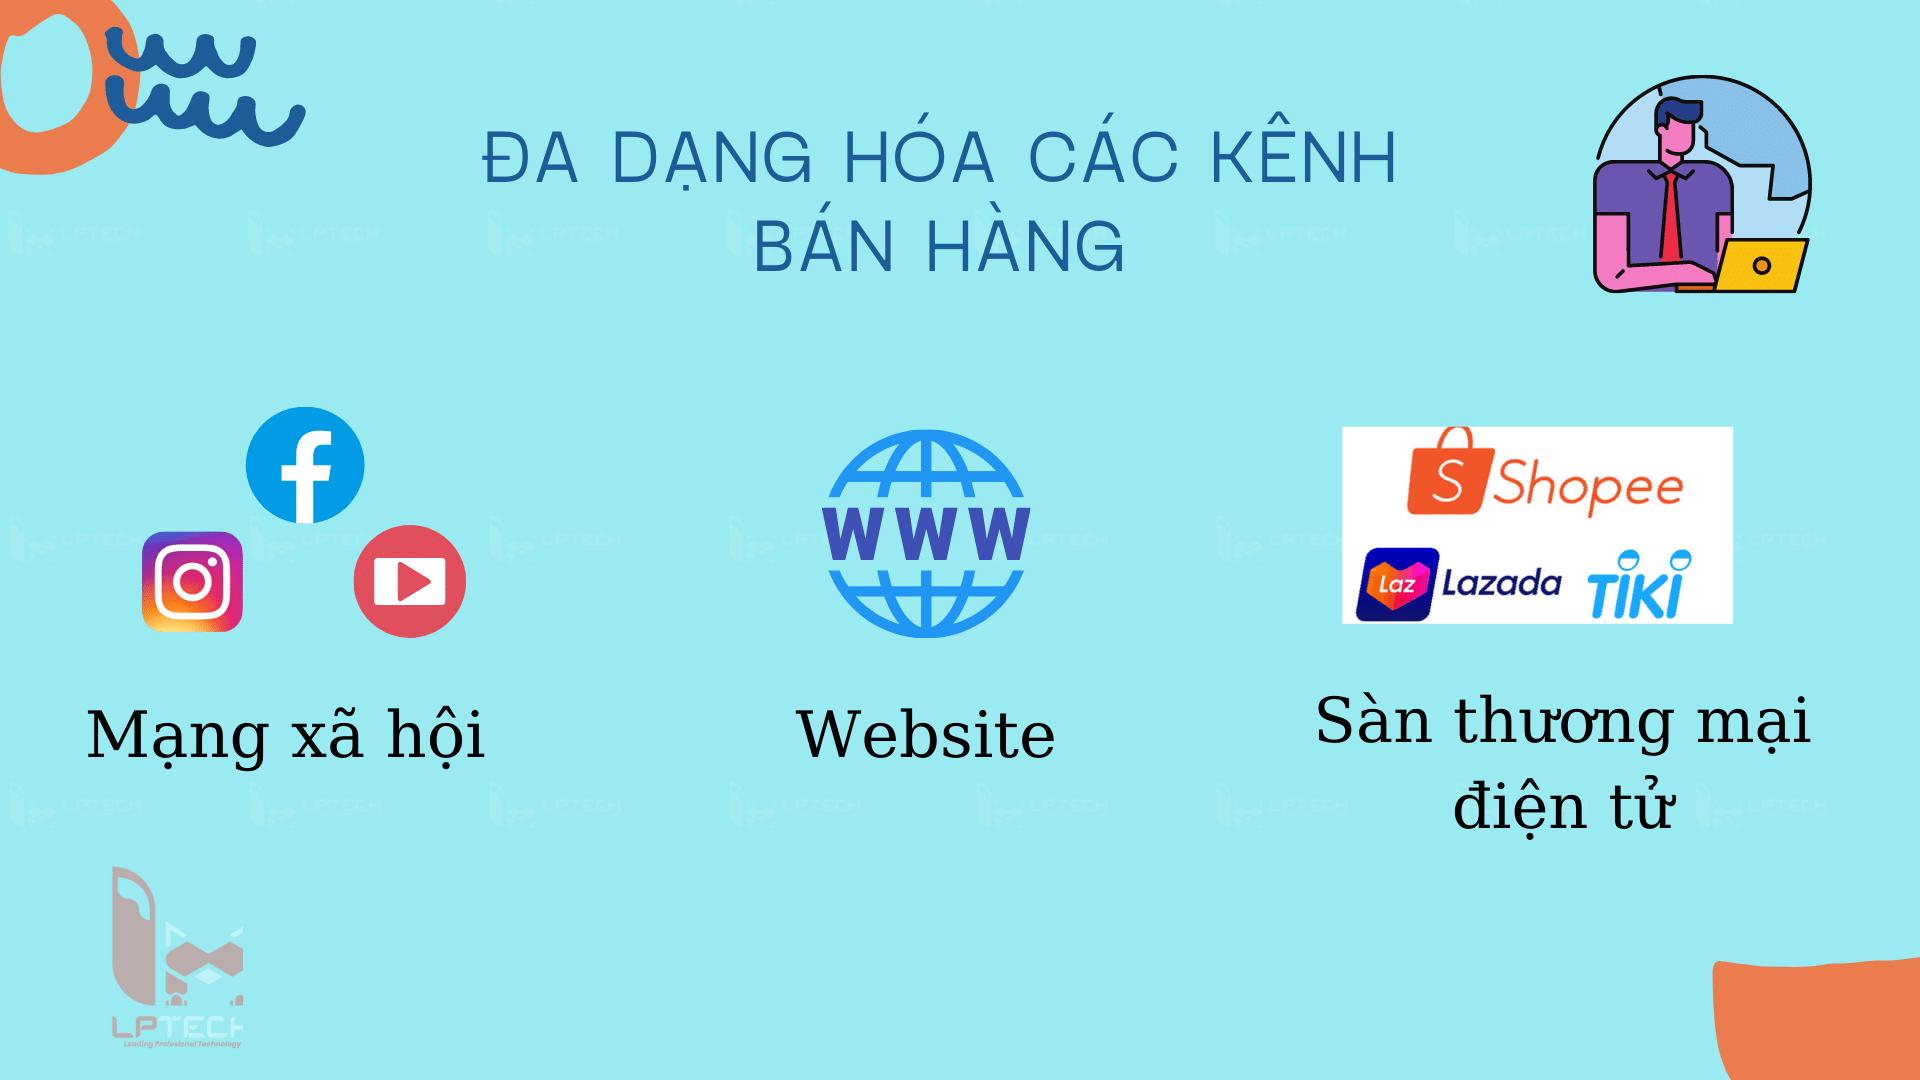 Đa dạng hóa kênh bán hàng online